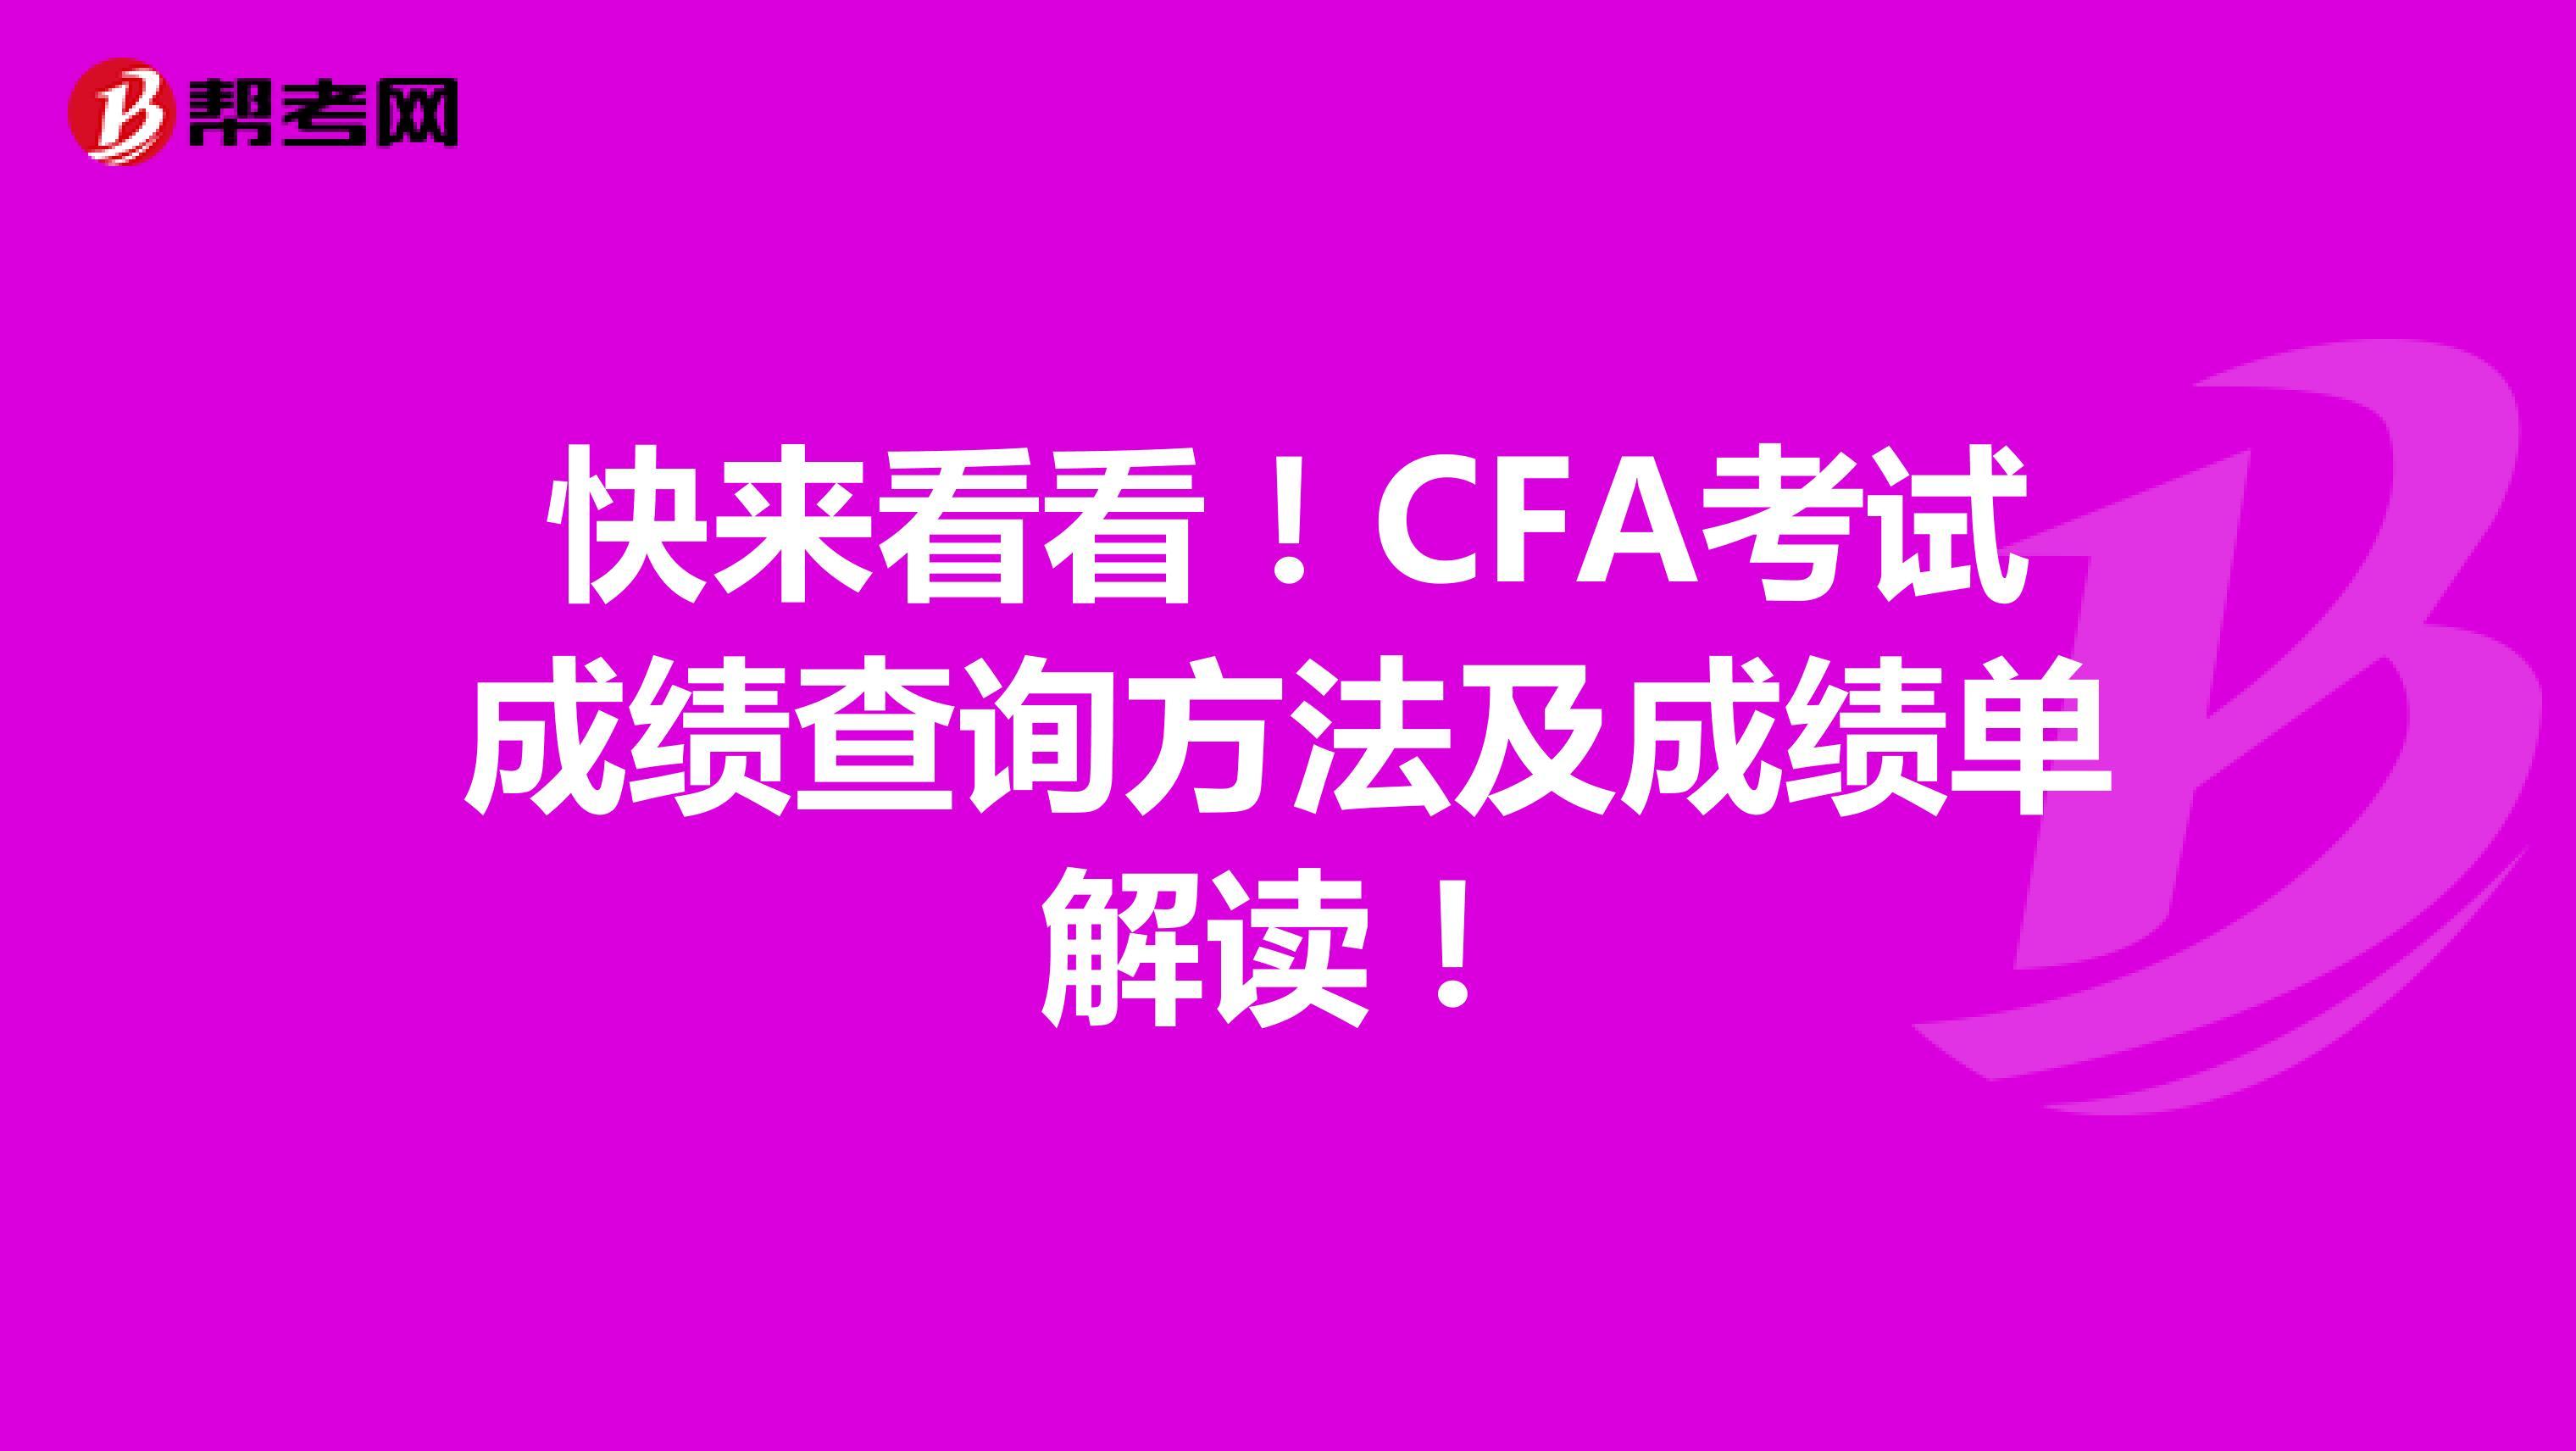 快來看看!CFA考試成績查詢方法及成績單解讀!